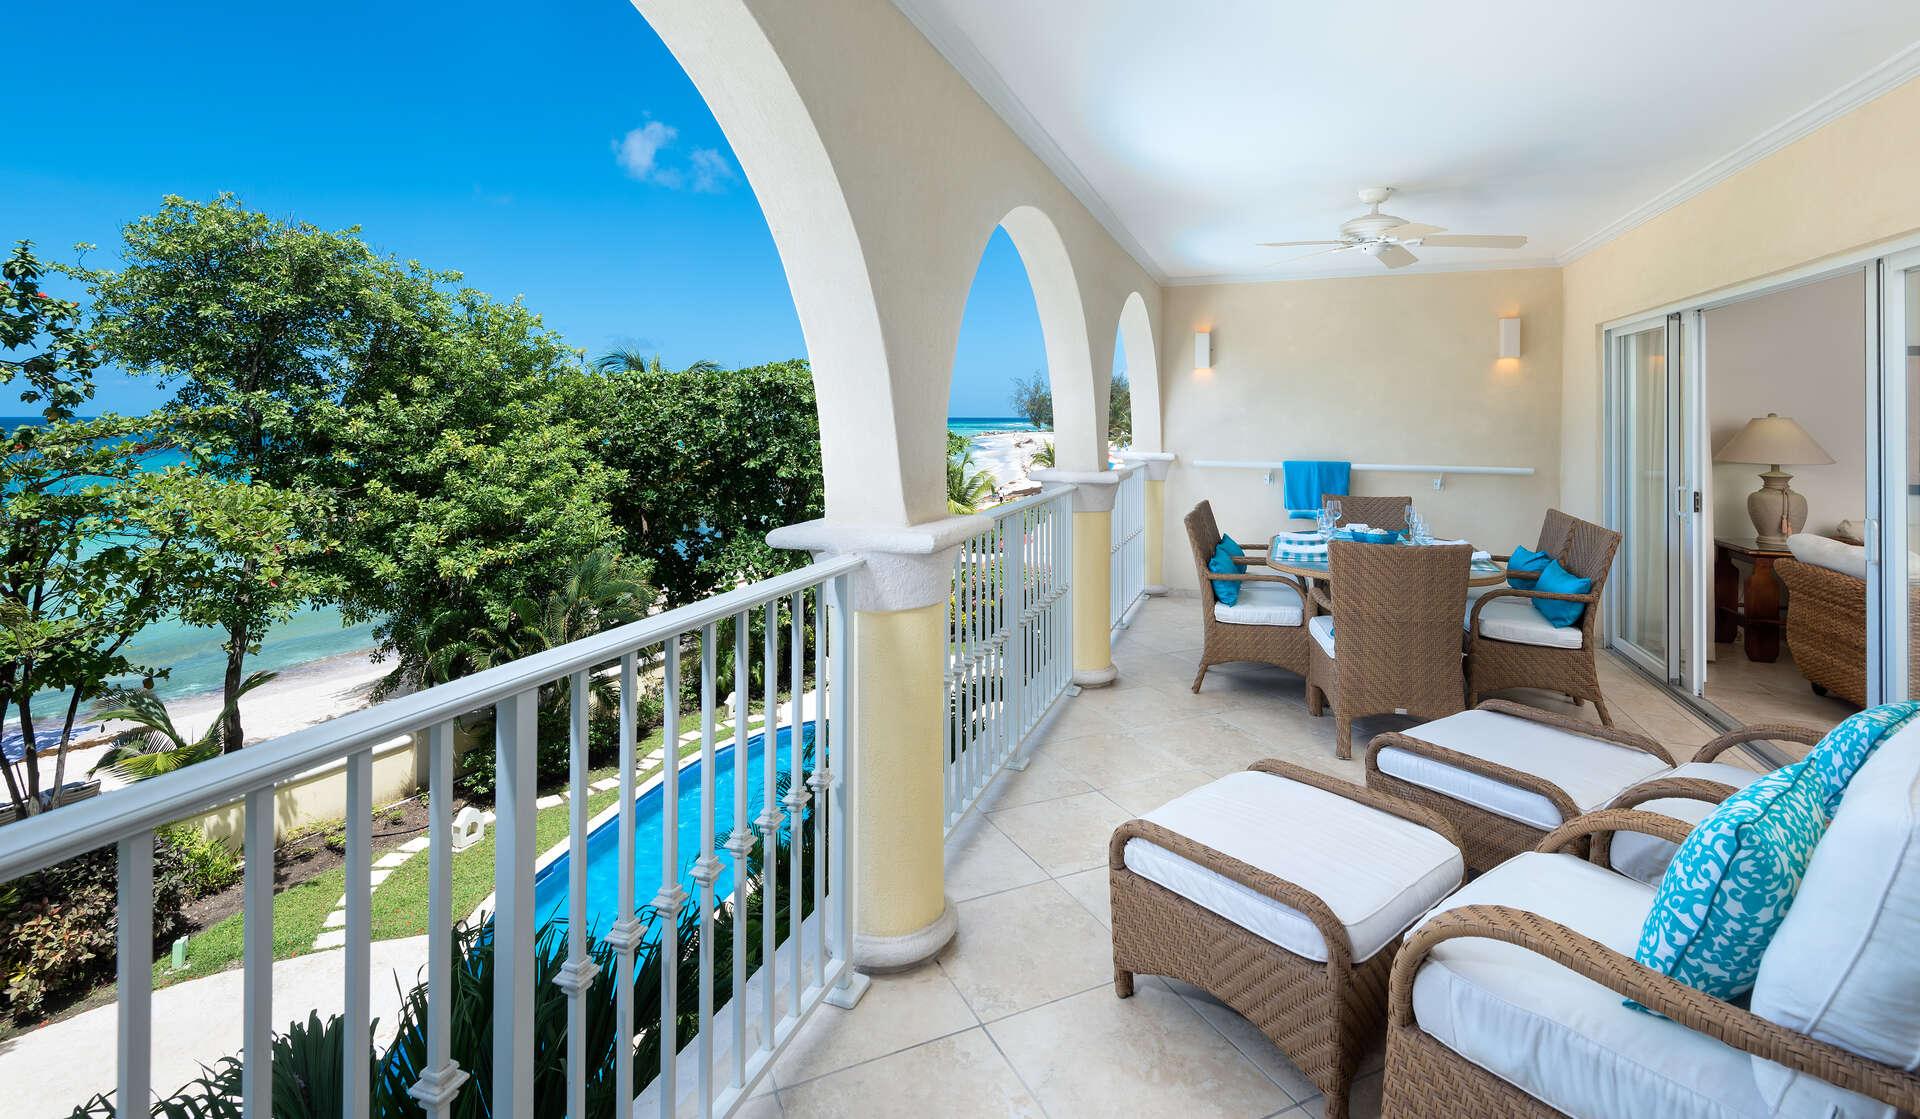 Luxury villa rentals caribbean - Barbados - Christ church - Sapphire beach condos - Sapphire Beach 205 - Image 1/12